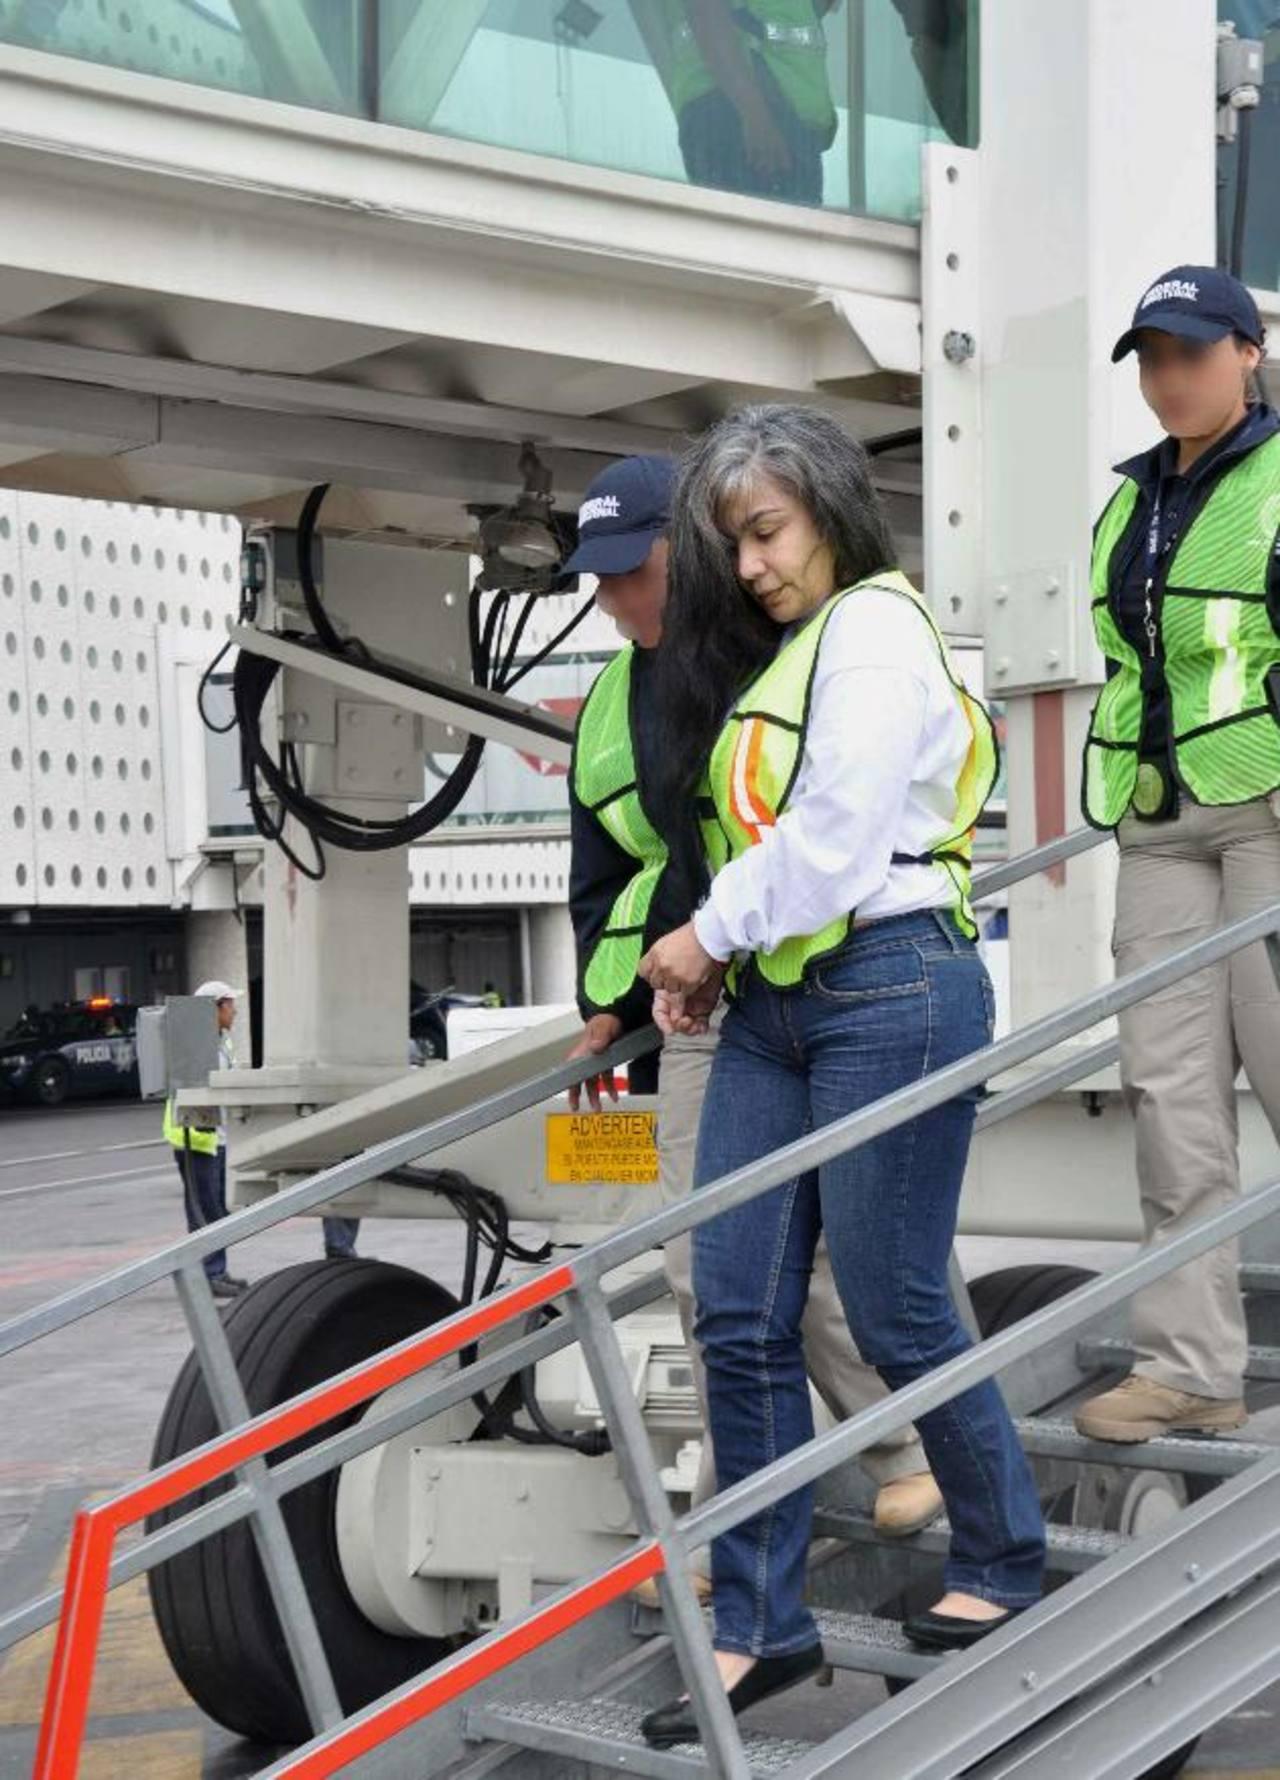 La narcotraficante, Sandra Ávila Beltrán, fue repatriada de EE. UU. en 2013.